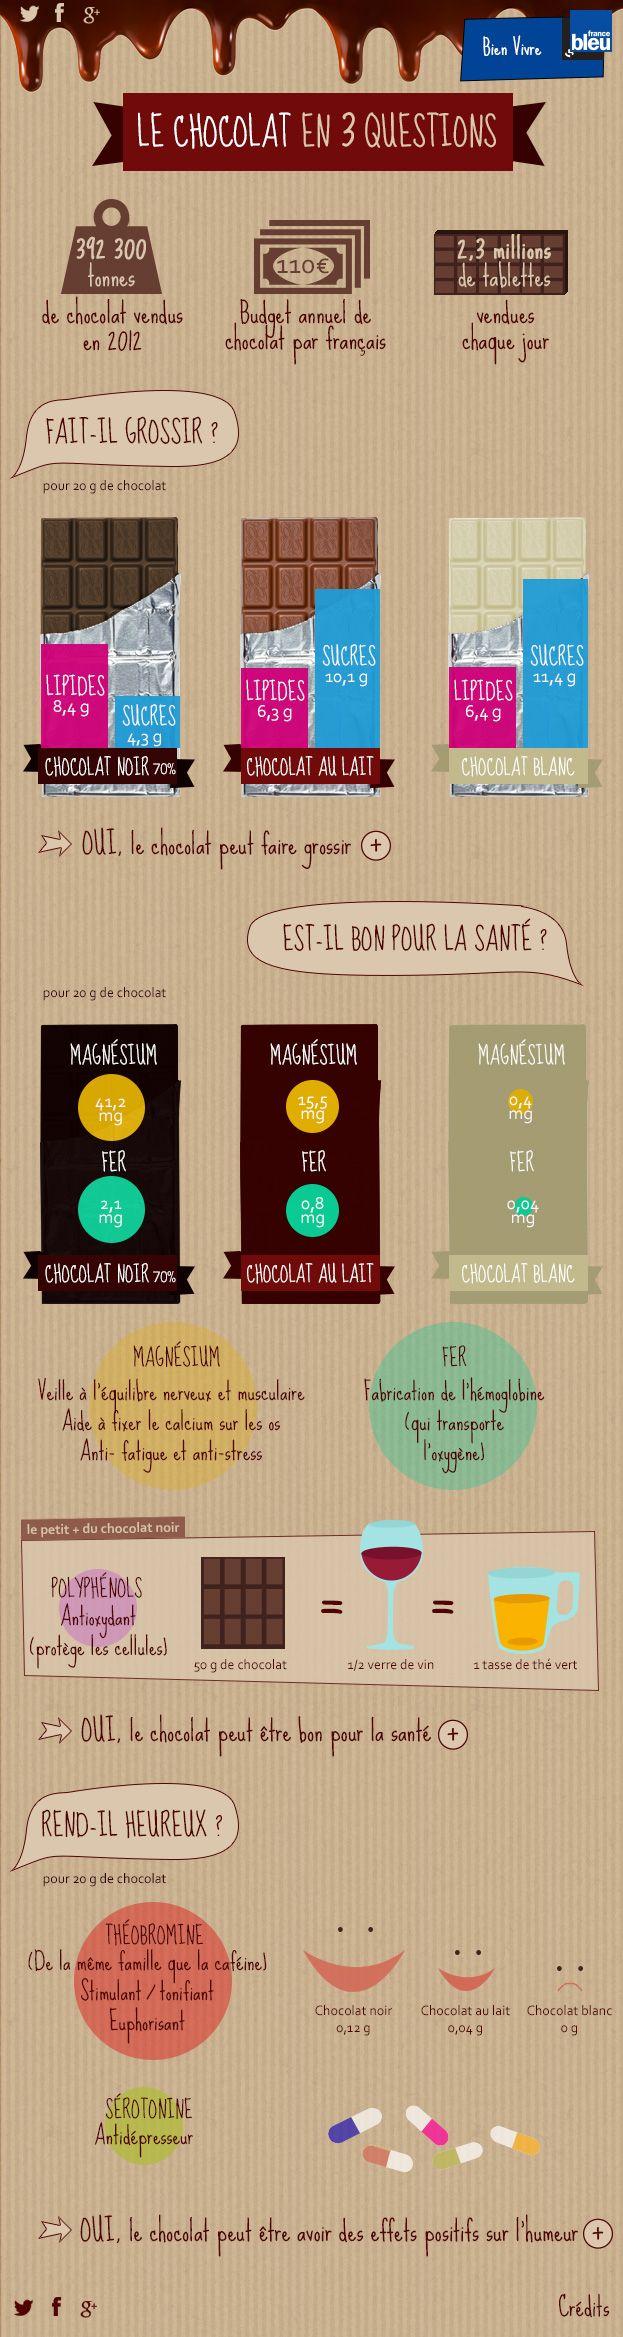 Noir, au lait ou blanc, le chocolat est l'un des aliments préférés des Français. Chaque année, ils en consomment en moyenne 6,6 kilos par personne. Source de plaisir et/ou de culpabilité, il suscite de nombreuses questions : est-il bon pour la santé ? Fait-il grossir ? Rend-il heureux ? France Bleu vous donne les réponses en infographie.